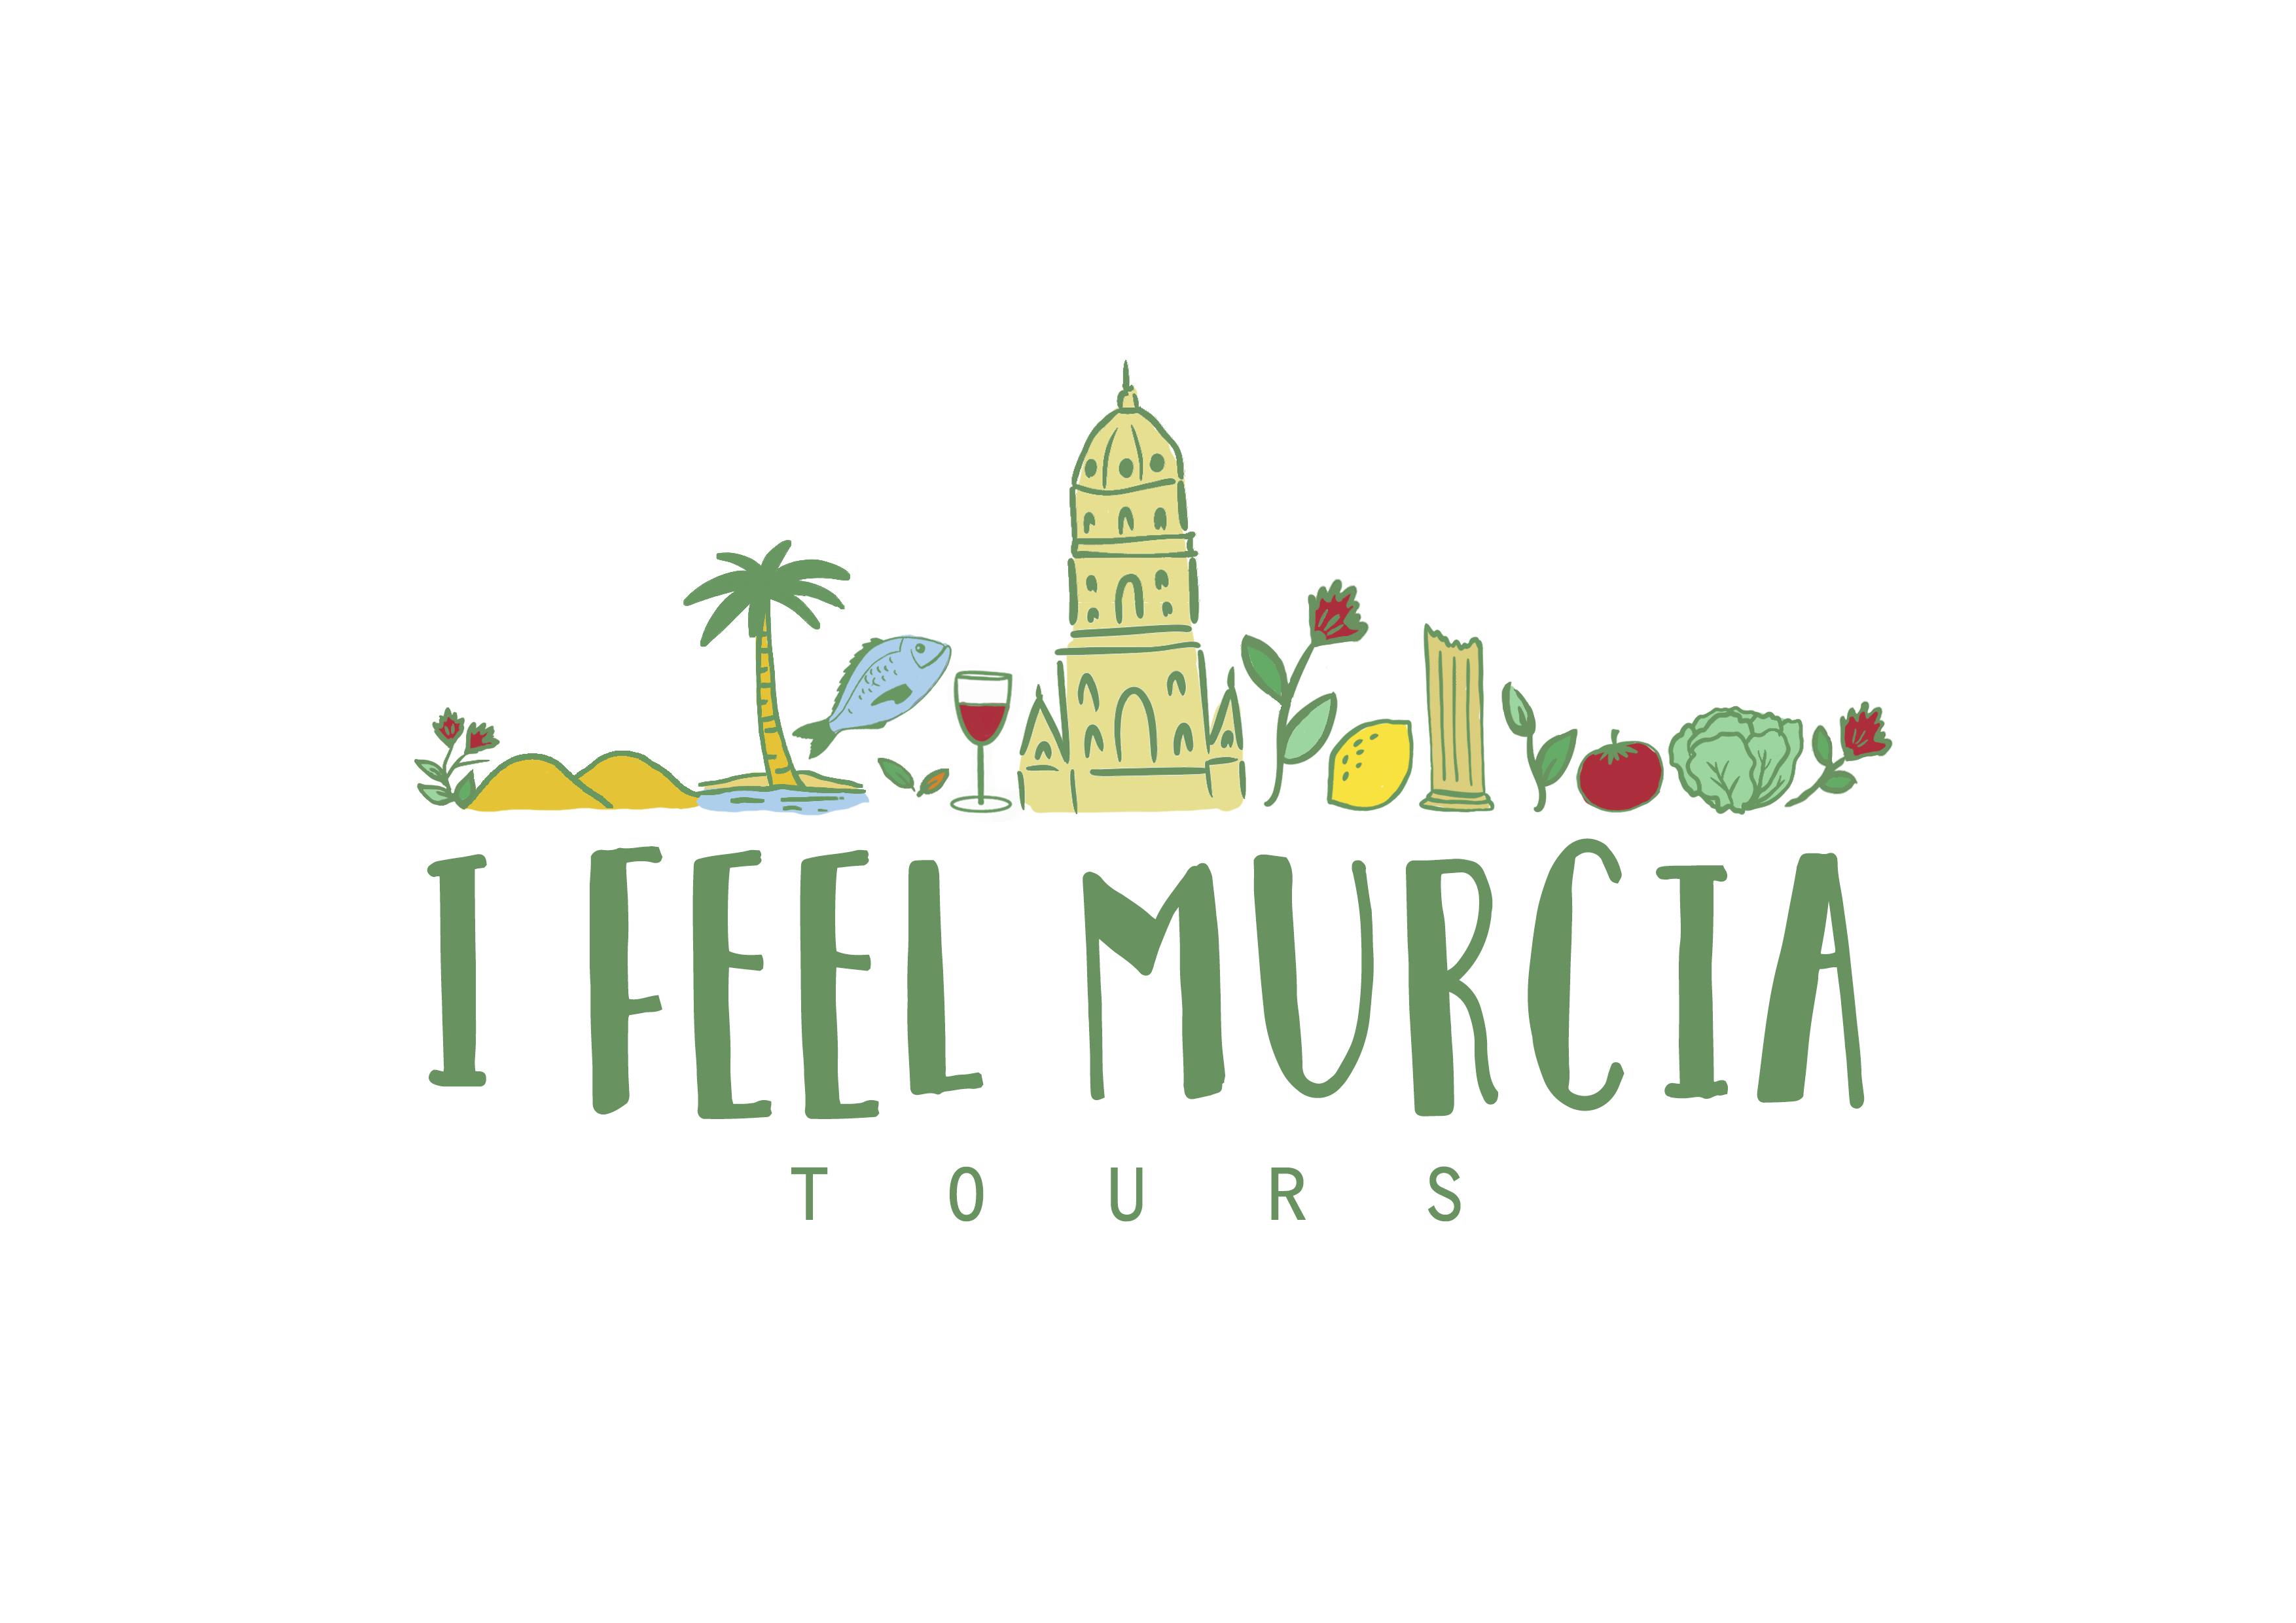 iFeelMurcia Tours – Turismo en la Región de Murcia